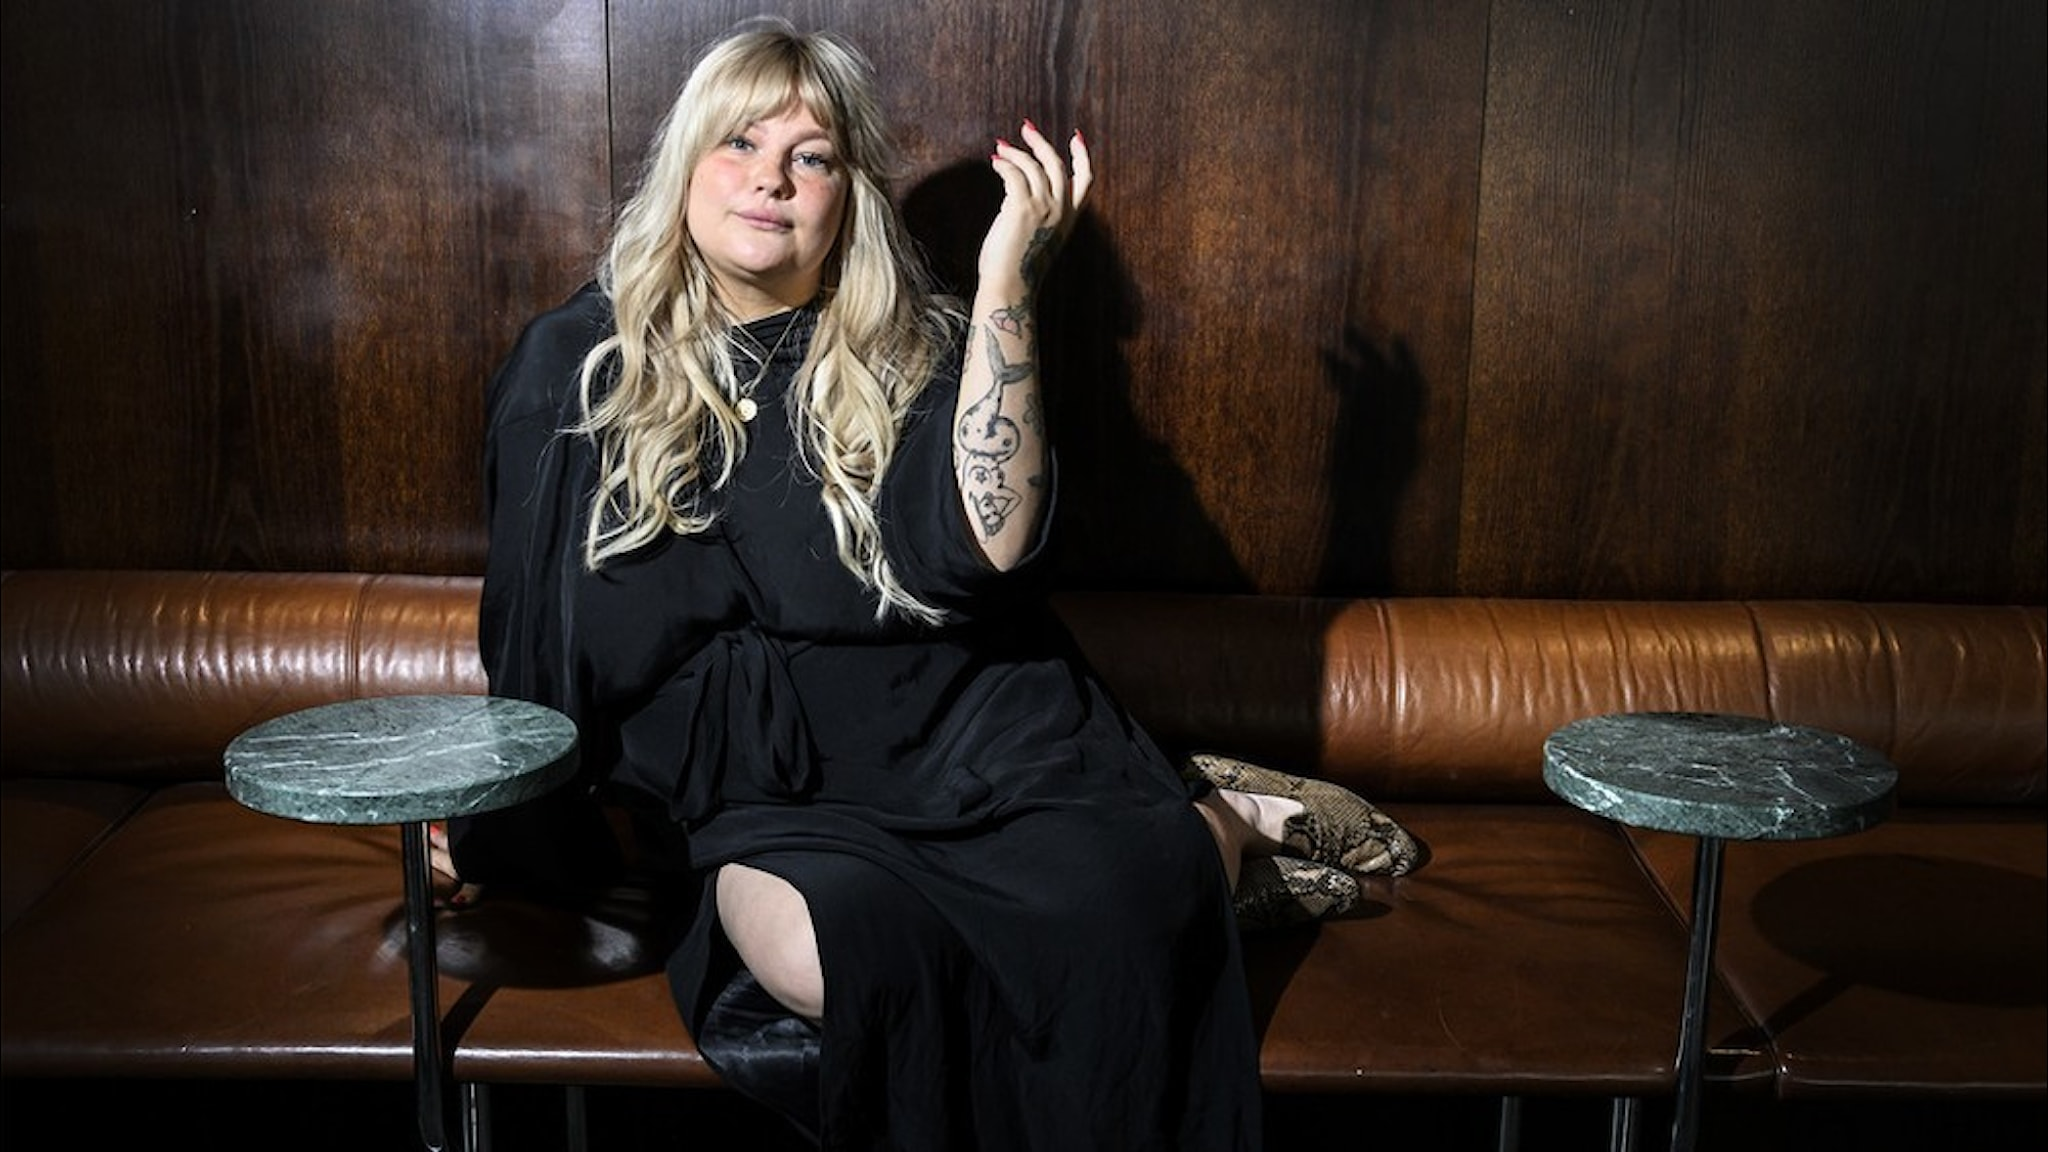 Artisten Sarah Klang sitter vid ett kafébord, klädd i svart.